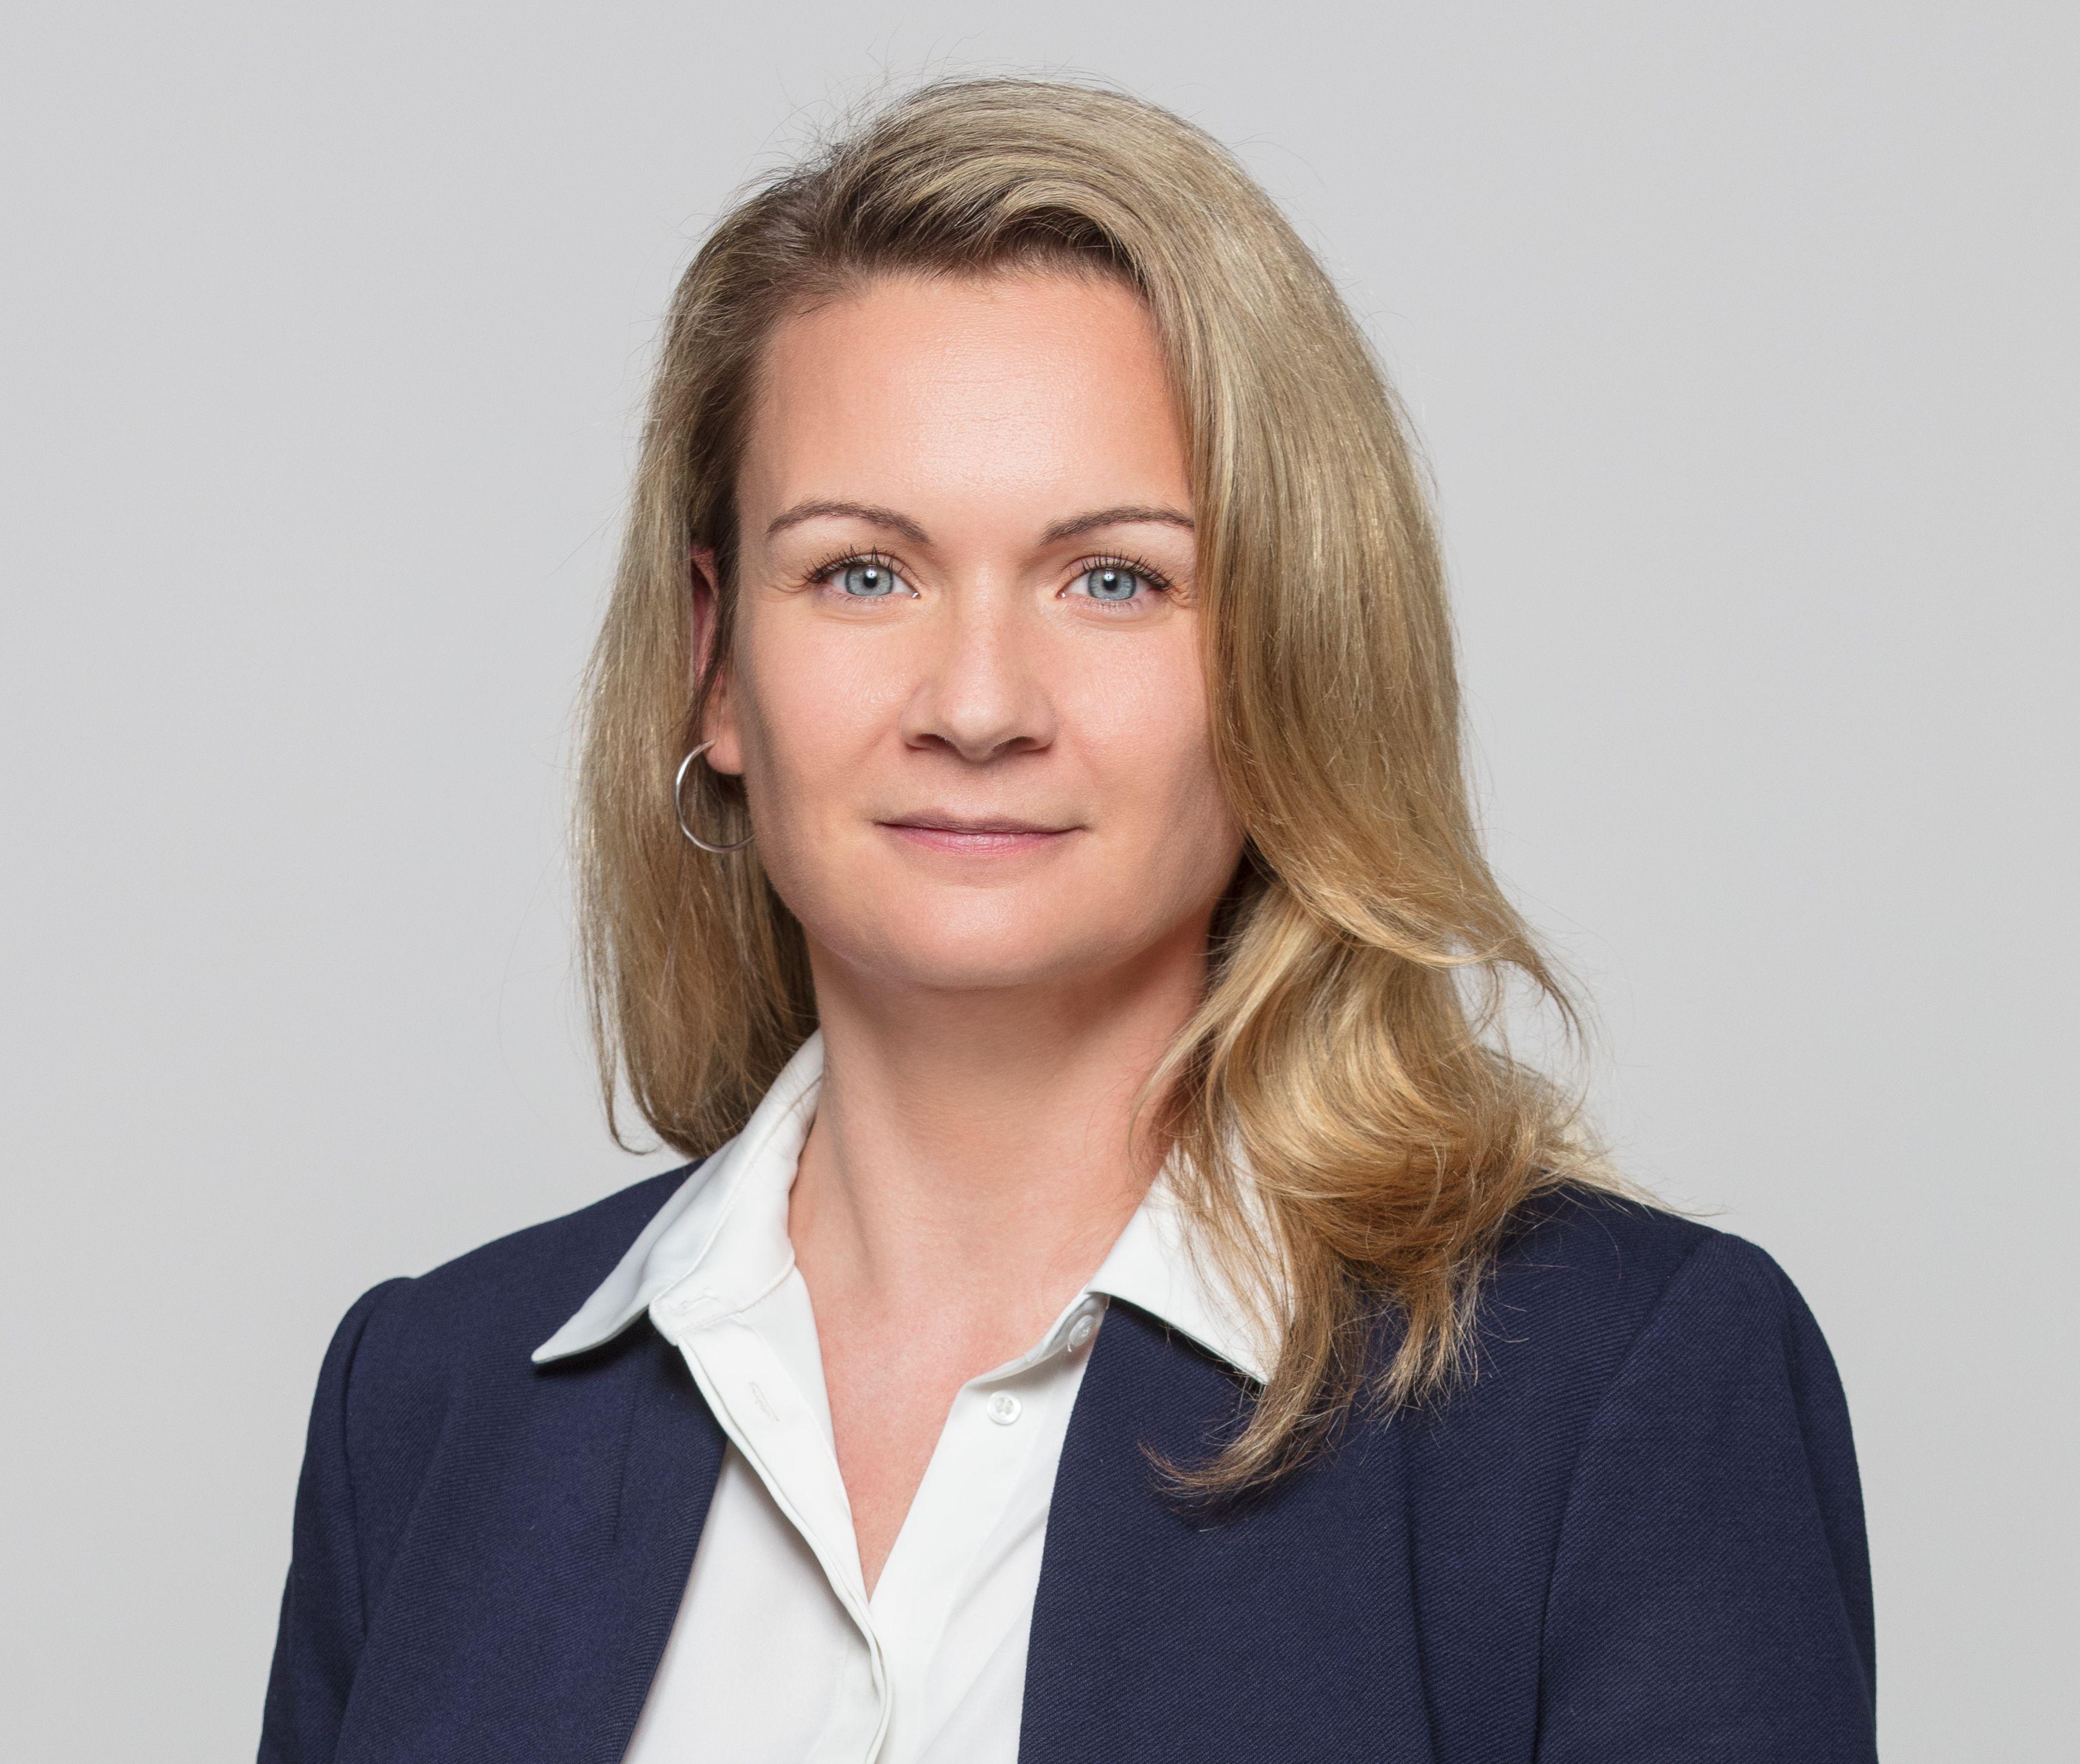 Ivonne Kühl